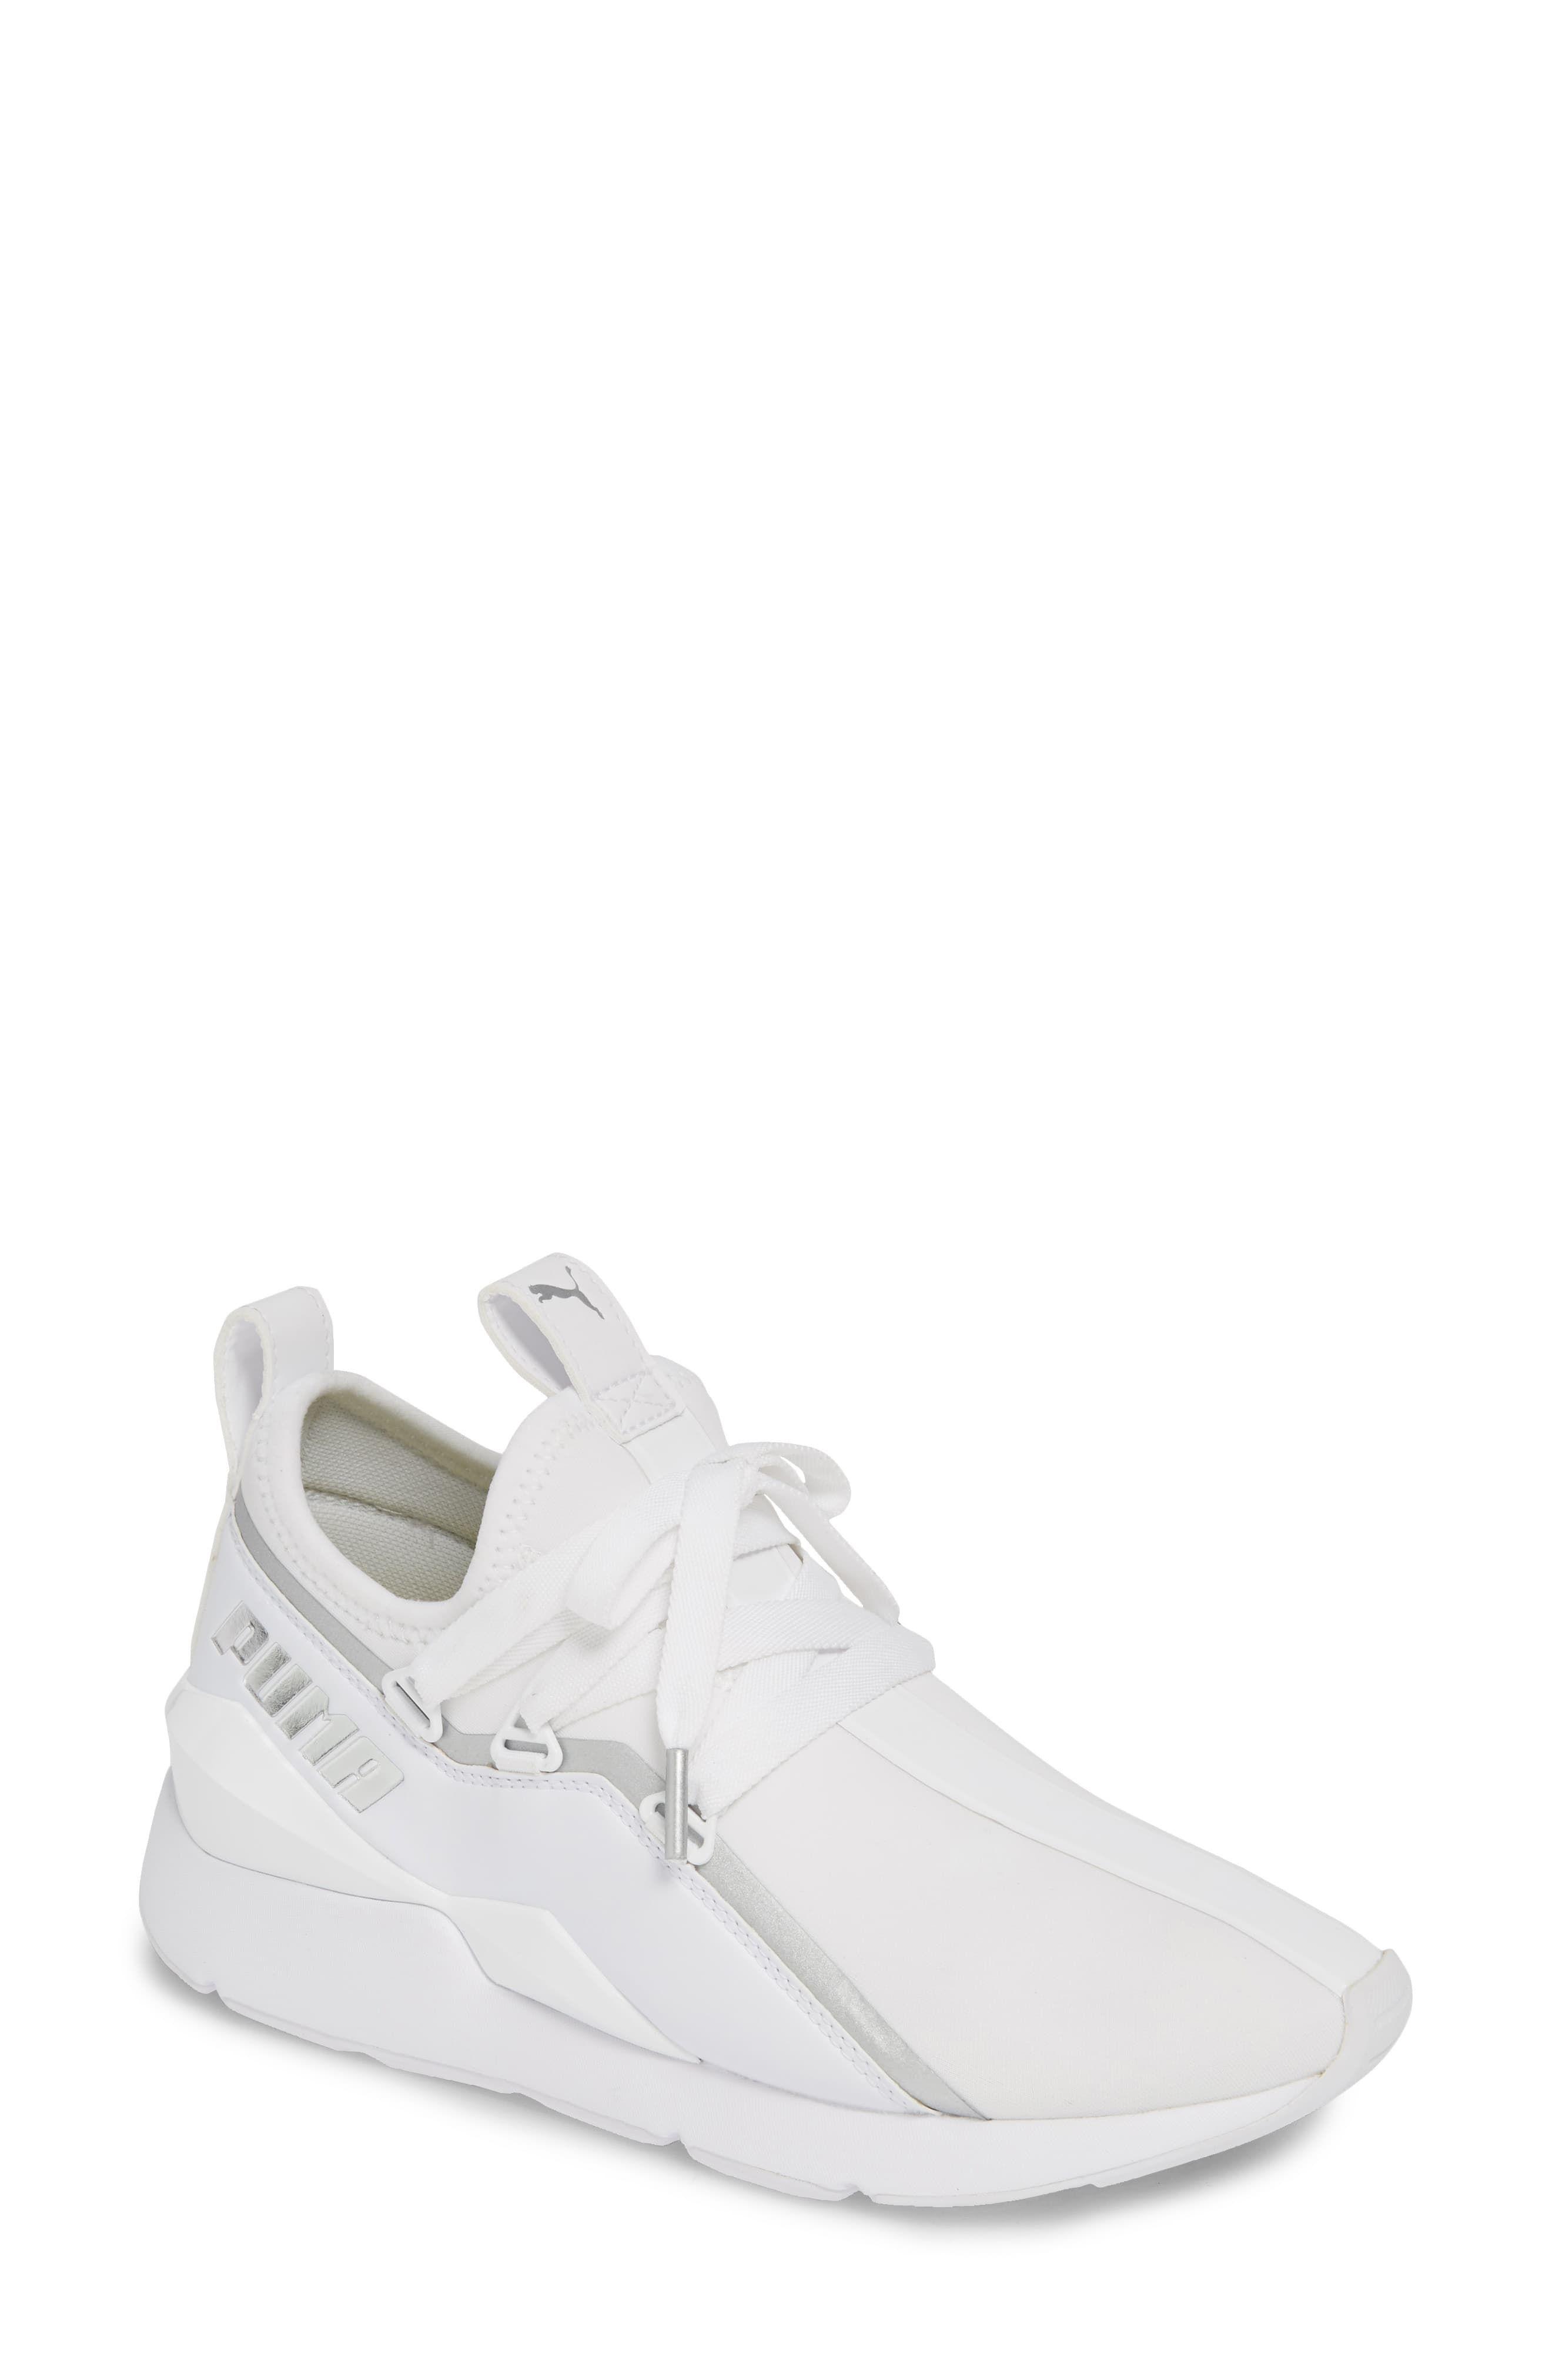 Muse 2 Trailblazer Women's Sneakers   puma in 2019